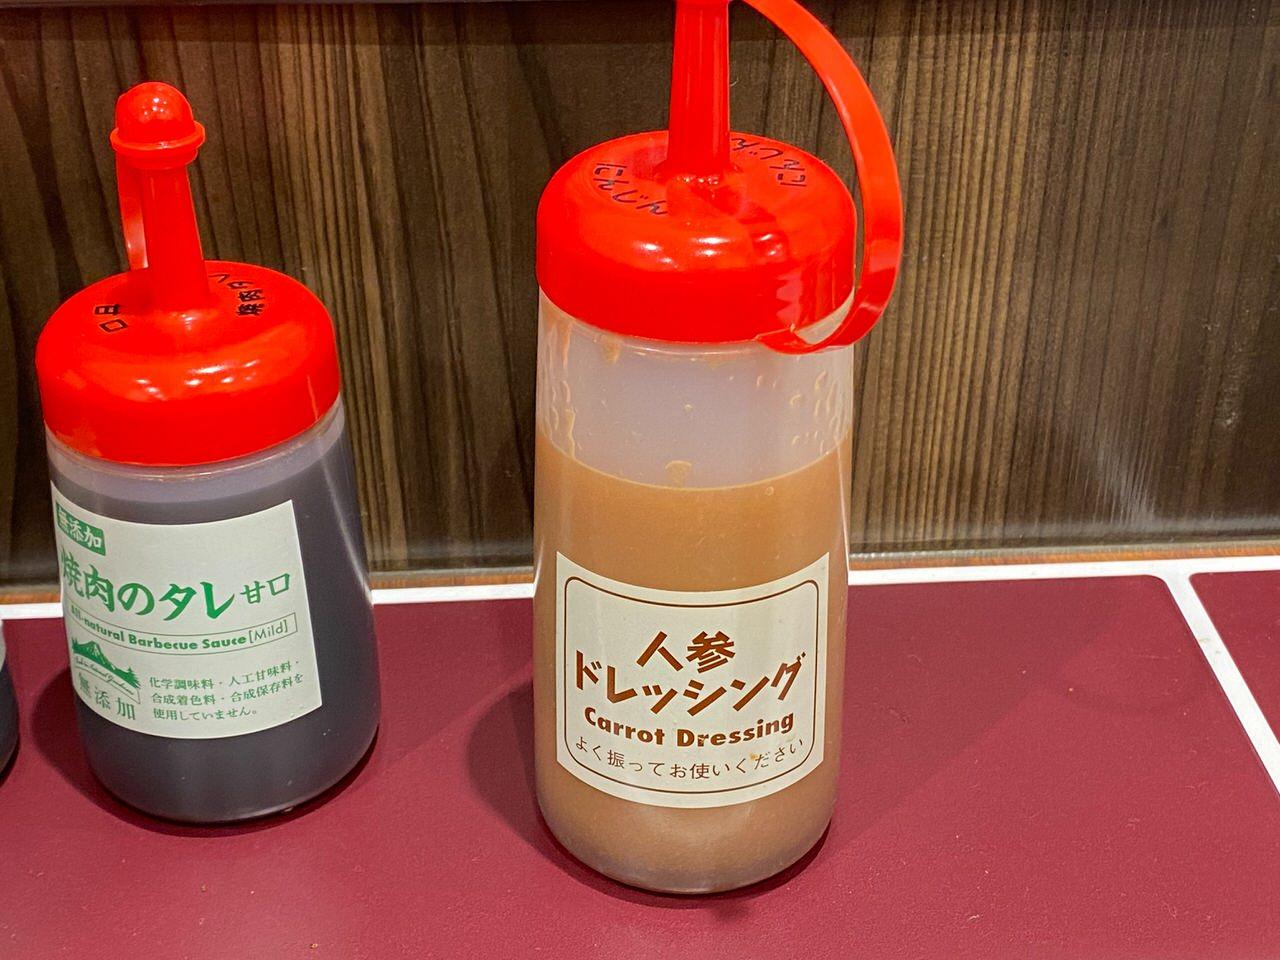 【松屋】定番メニューとなった「旨辛牛焼ビビン丼」を食べてみた 13